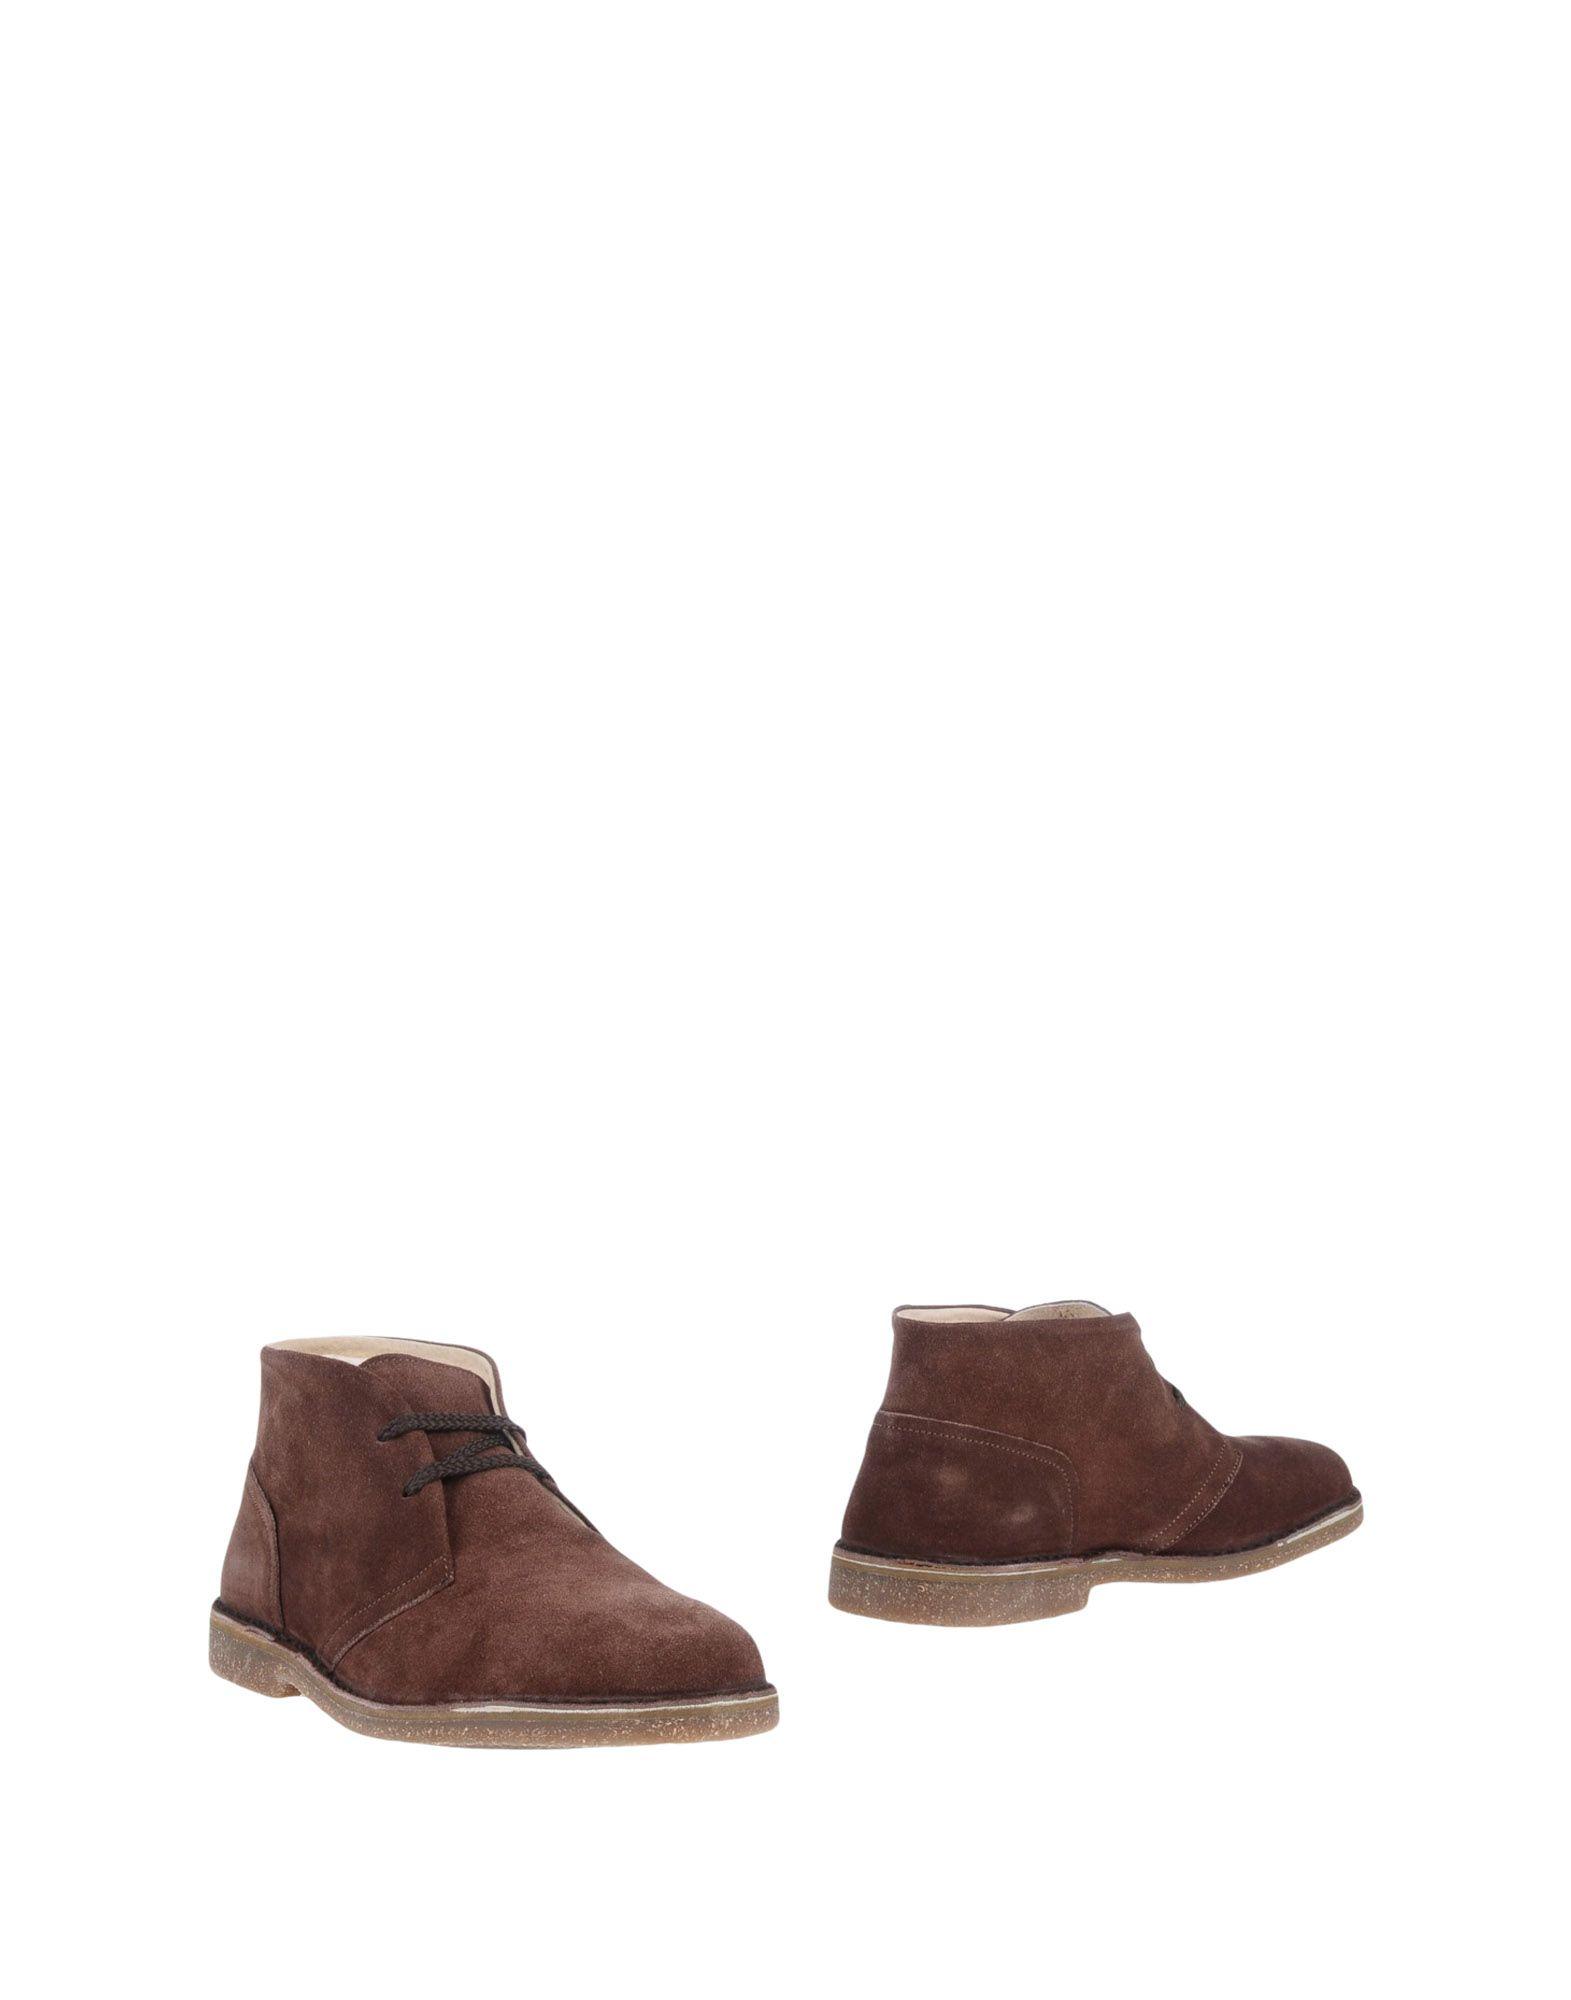 ROBERTO CATANI Boots in Cocoa